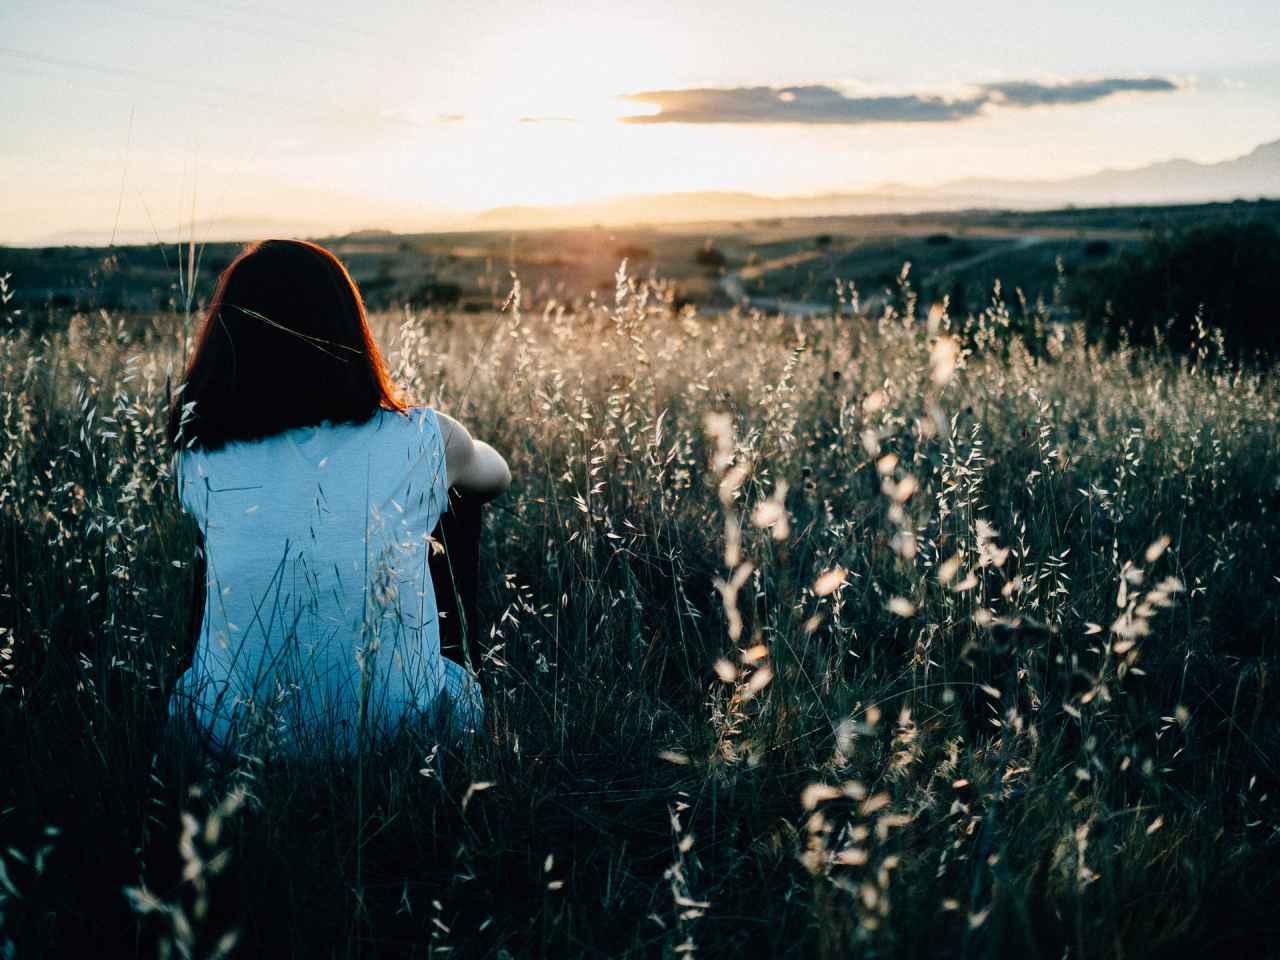 孤独感が強く寂しくなる原因とは?【対処方法も紹介】